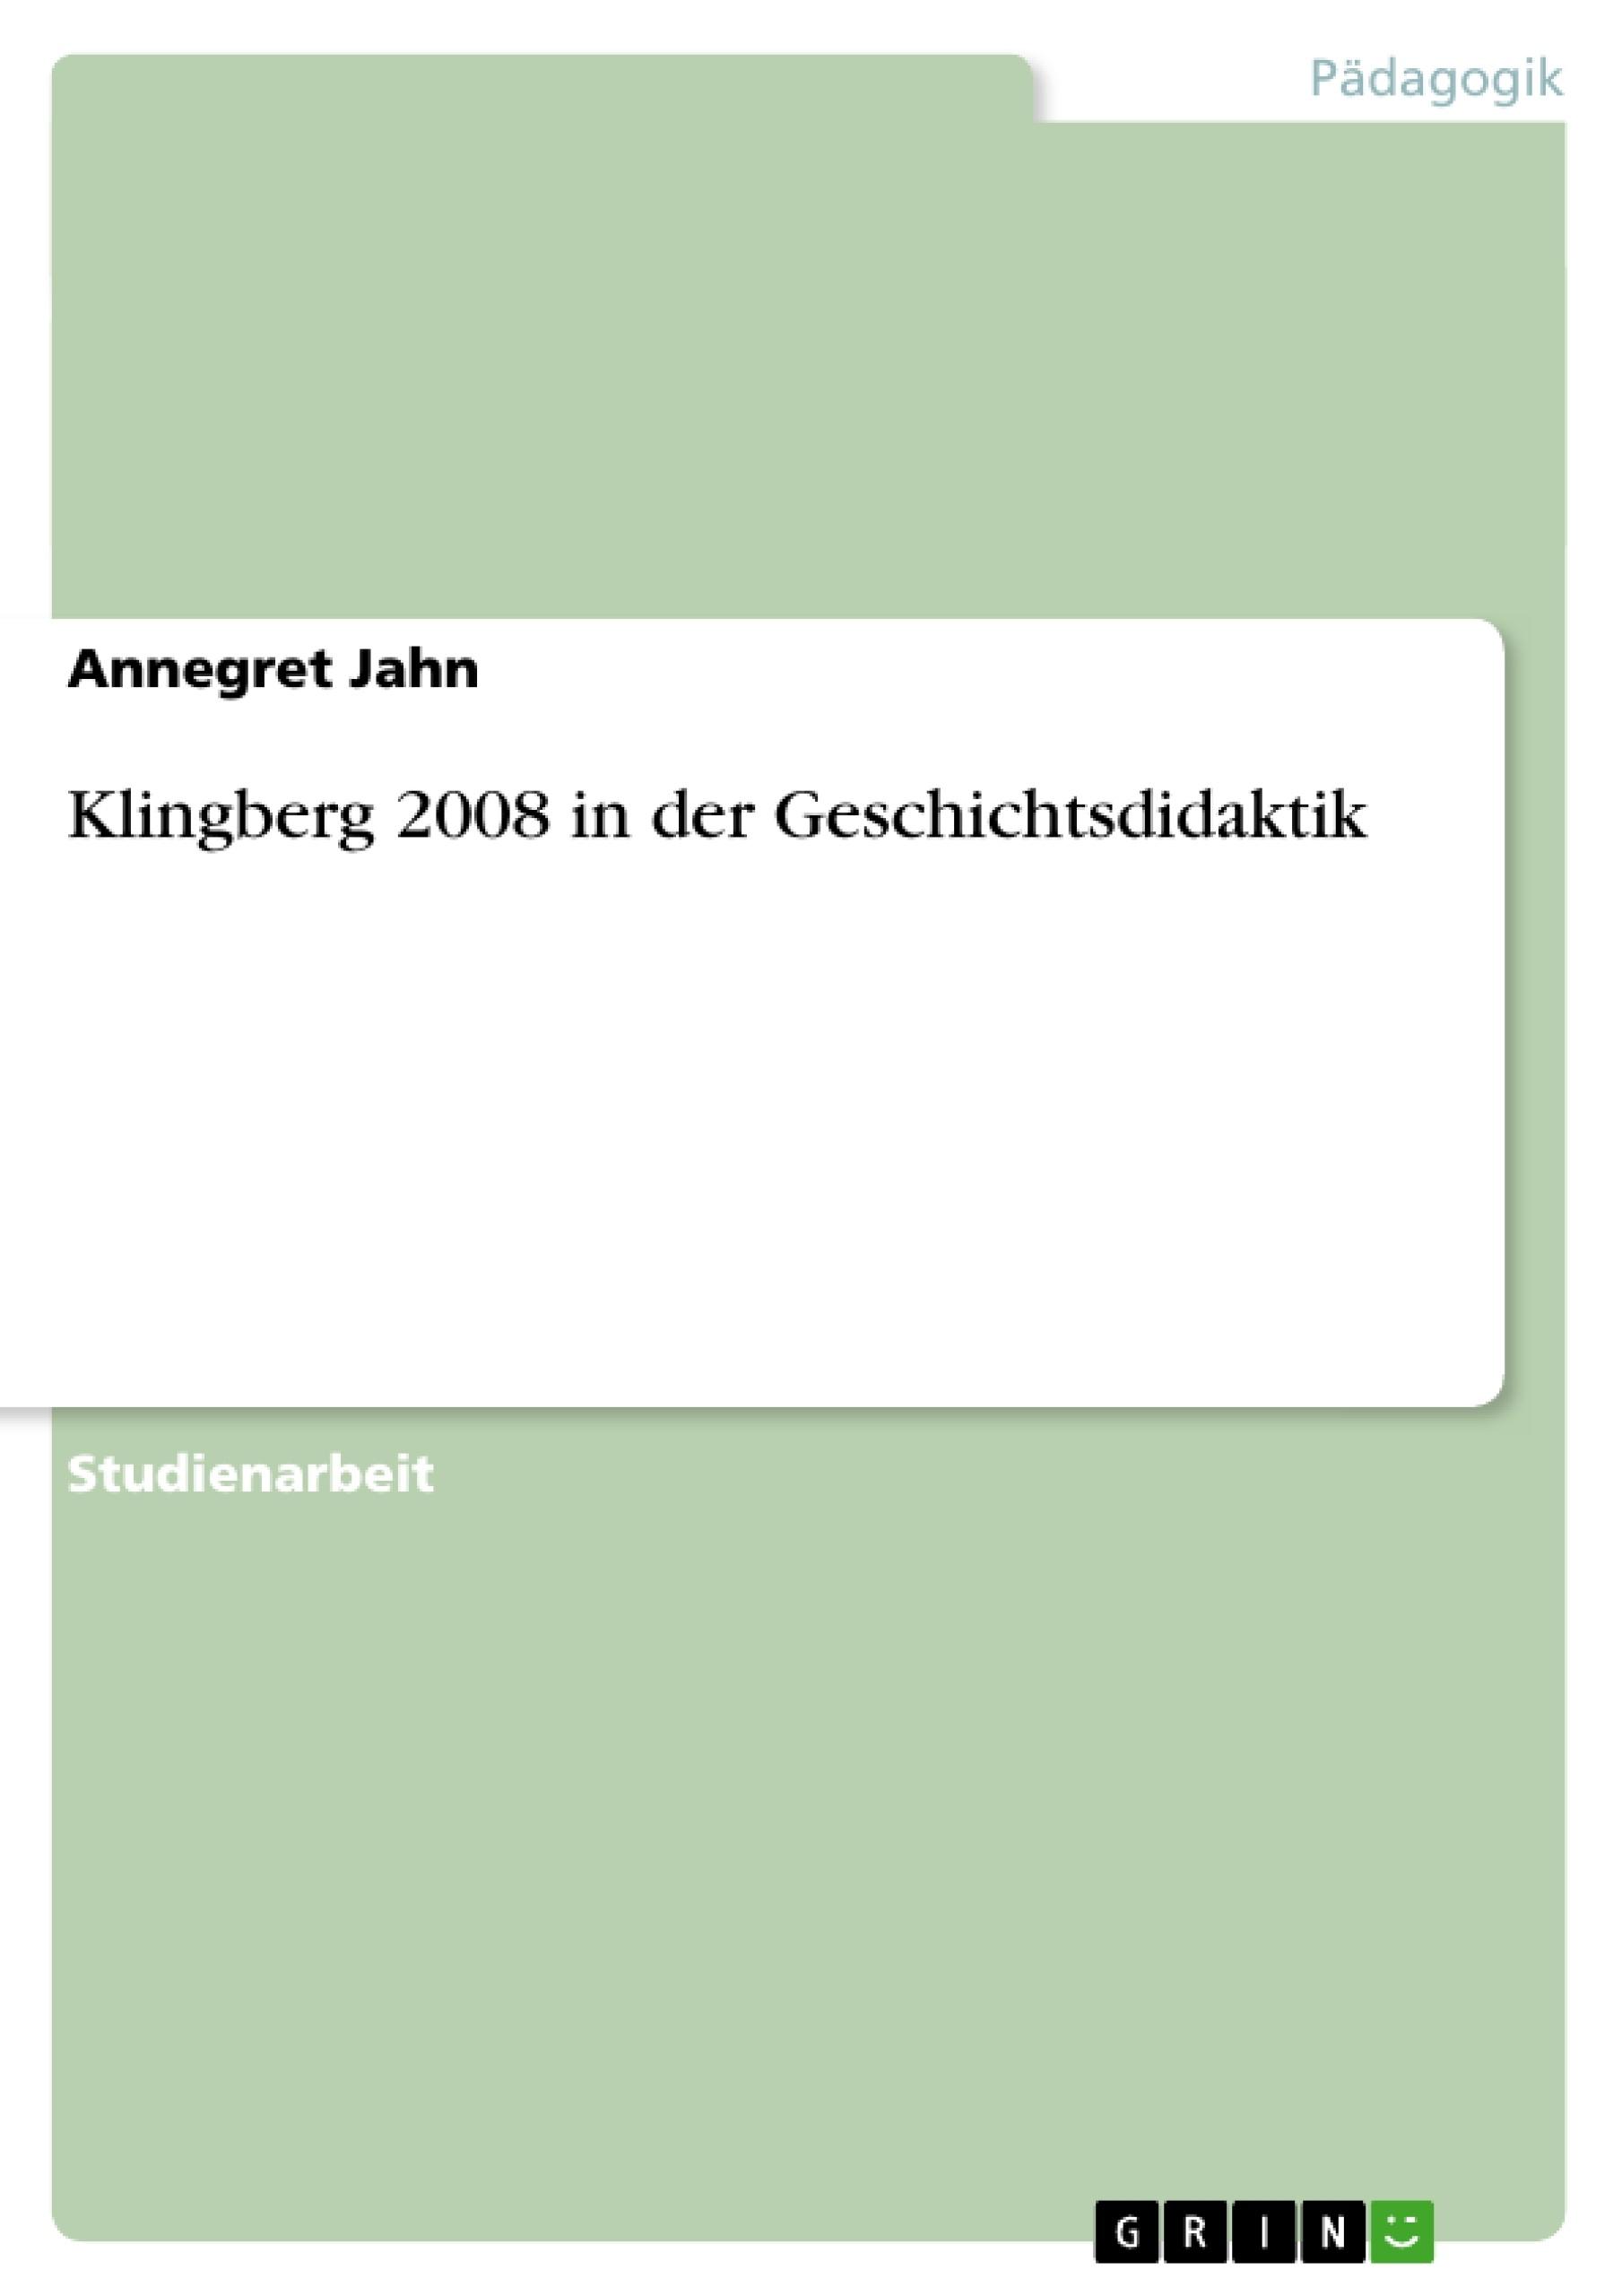 Titel: Klingberg 2008 in der Geschichtsdidaktik